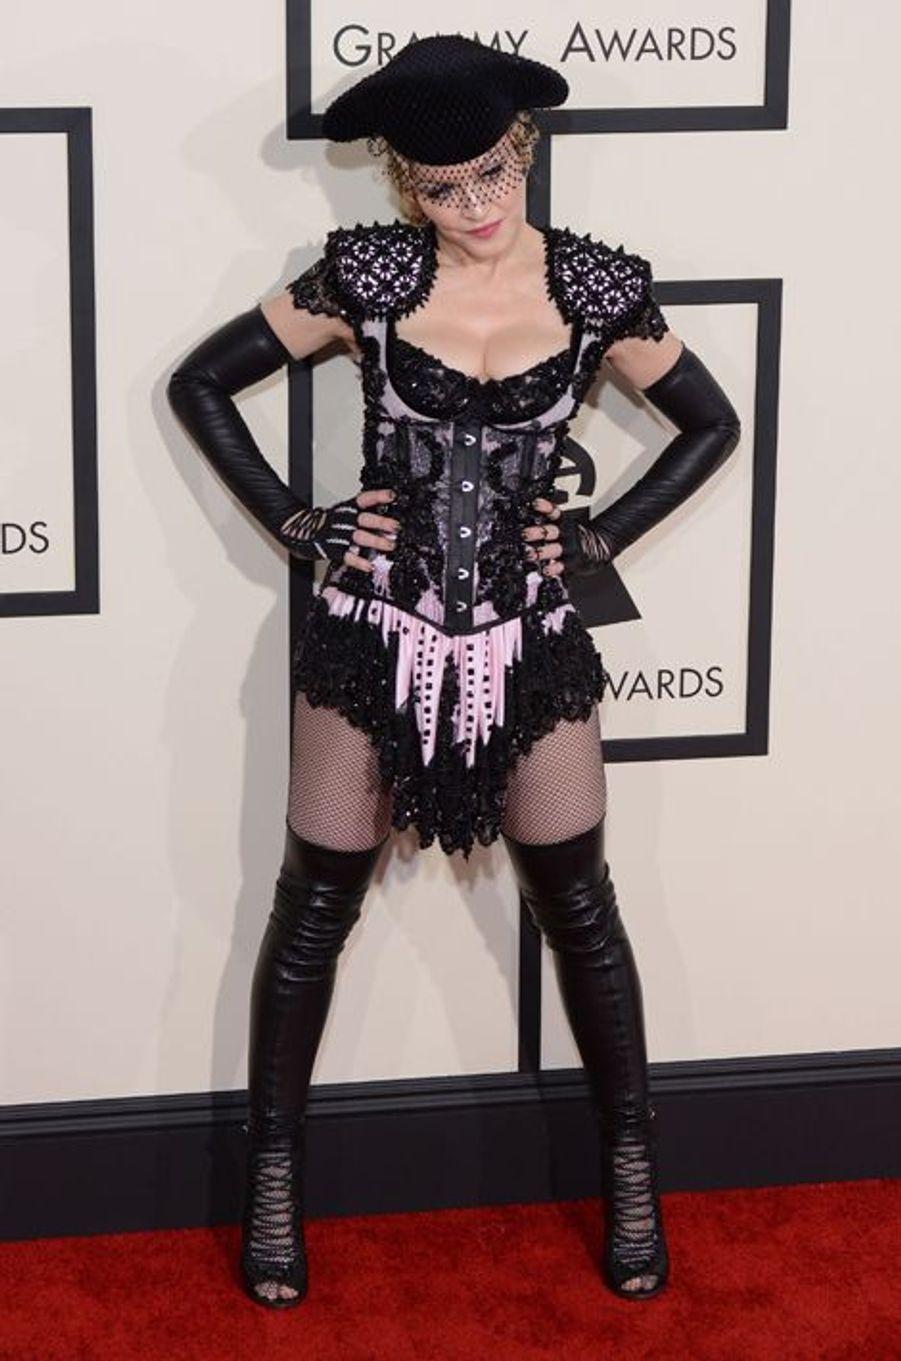 Madonna et sa poitrine aux 2 millions de dollars